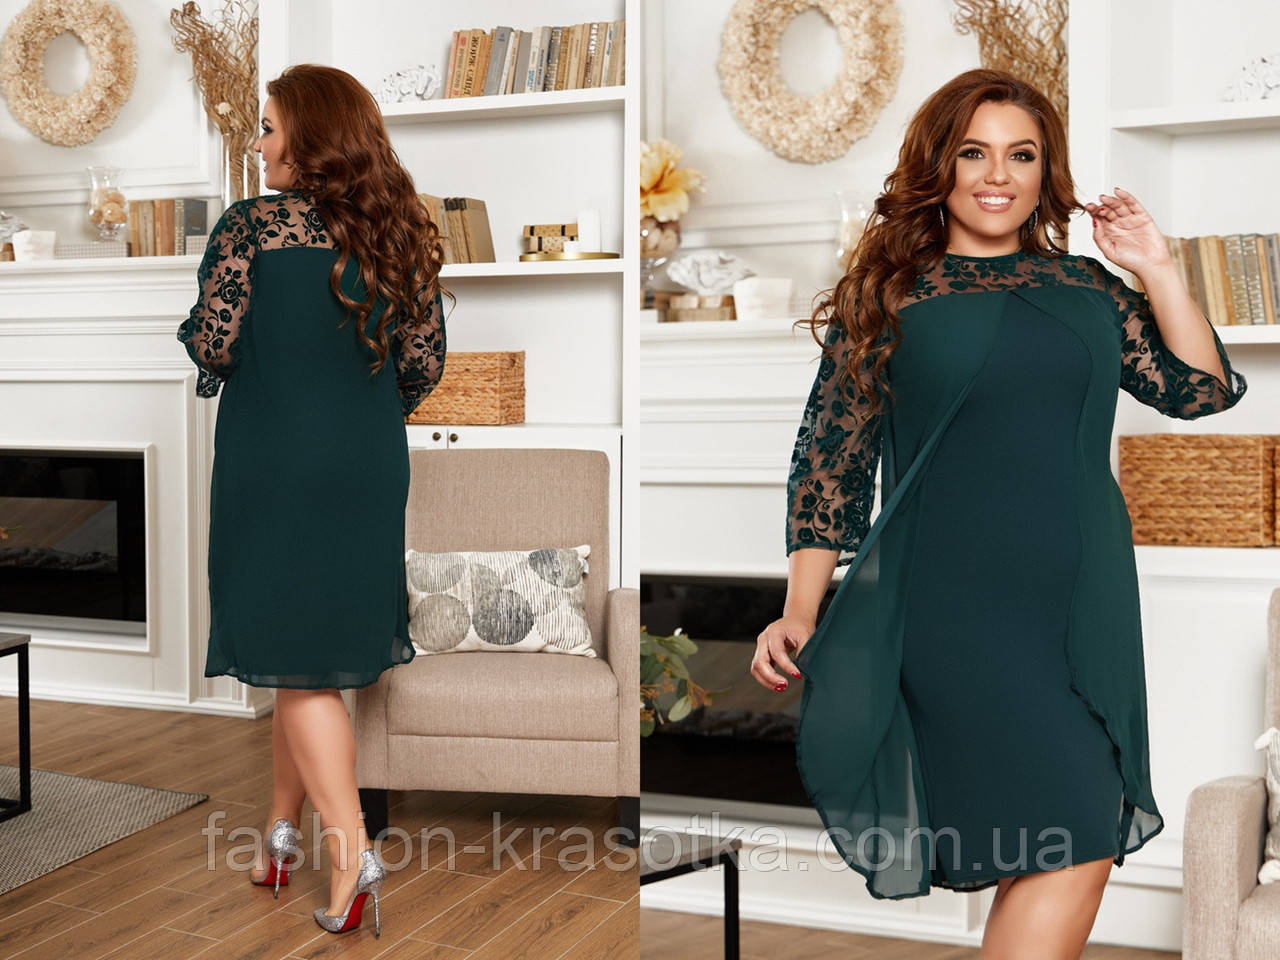 Нарядное женское платье,размеры:48,50,52,54,56.